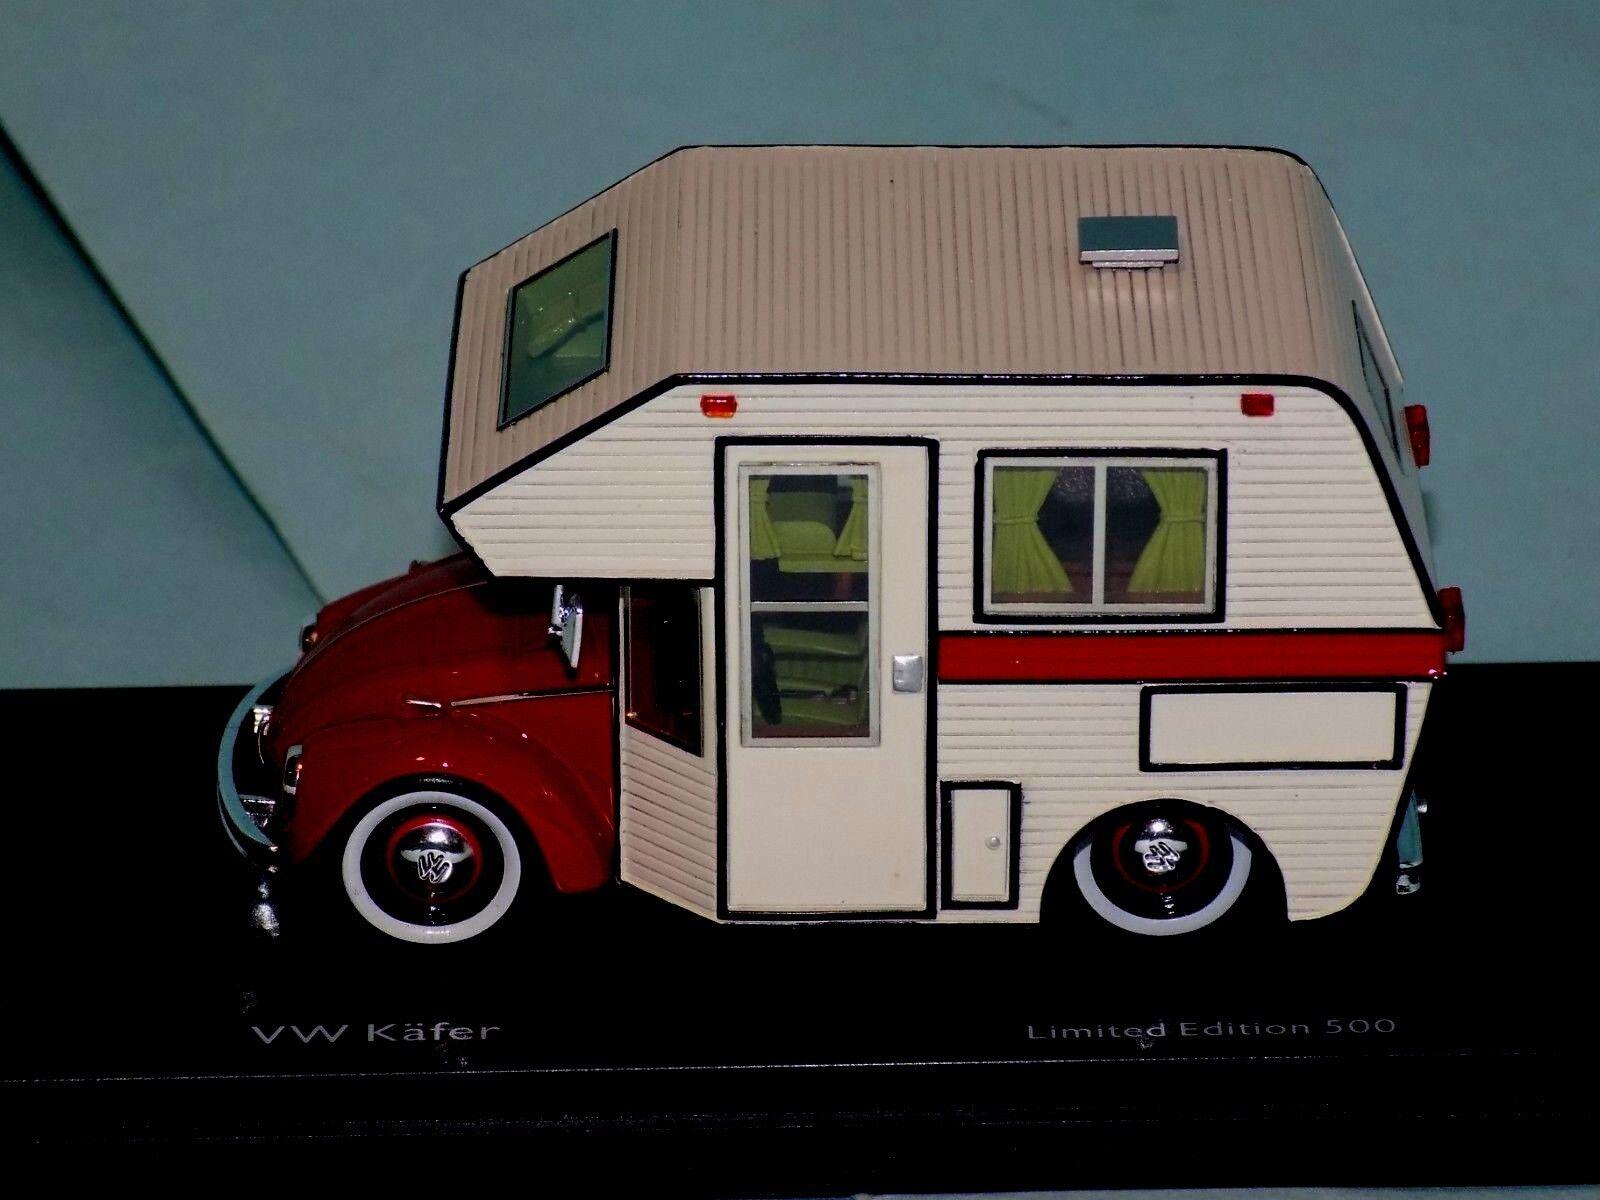 VOLKSWAGEN VW Escarabajo Kafer minihome Autocaravana Schuco 450889800 1 43